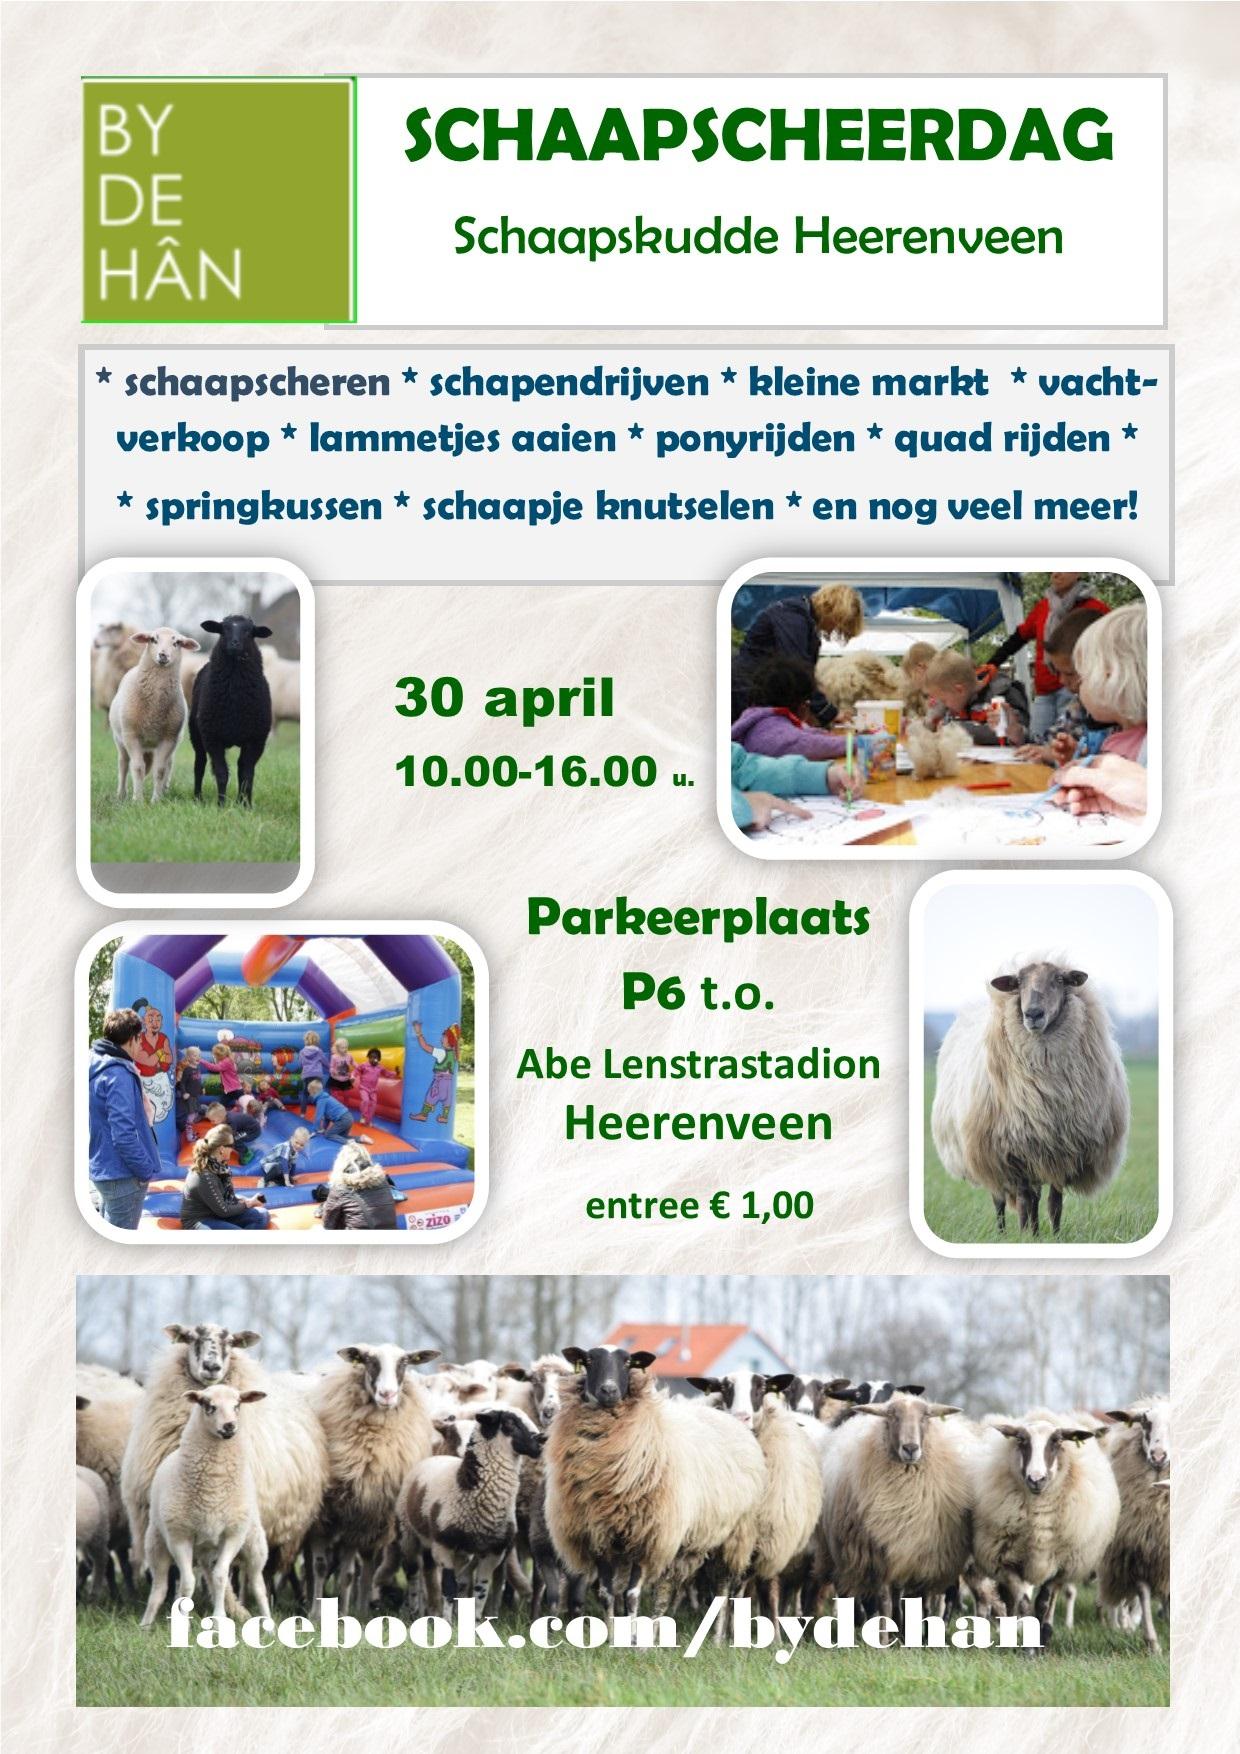 Flyer schaapscheerdag Heerenveen 30 april 2016